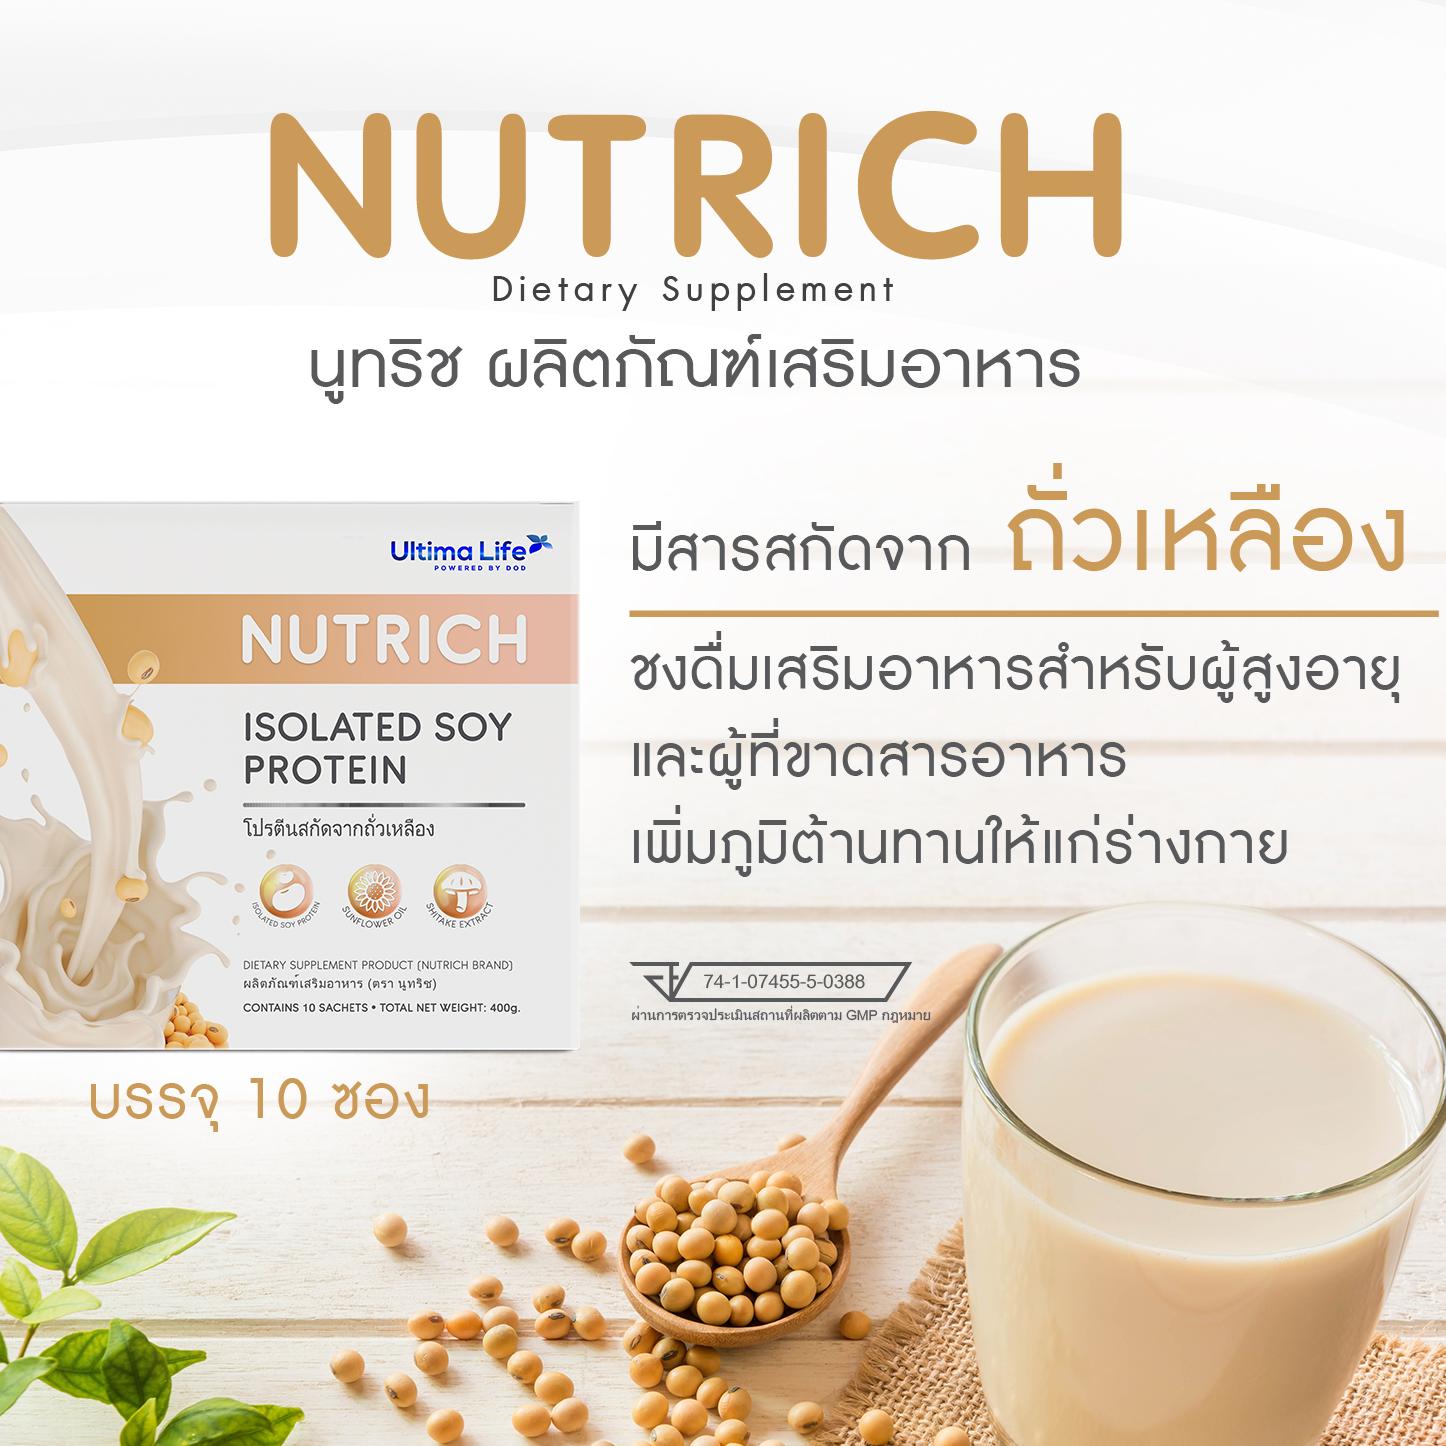 Nutrich (นูทริช) ชงดื่มเสริมอาหารสําหรับผู้สูงอายุ ขาดสารอาหาร เพิ่มภูมิต้านทาน ผู้สูงอายุ ทานอาหารไม่ค่อยได้ ผู้ที่ป่วยง่าย ต้องการเสริมสร้างระบบภูมิคุ้มกัน เป็นหวัดบ่อย แพ้อากาศ เป็นภูมิแพ้ผู้ที่เข้ารับการบําบัดรักษามะเร็งด้วยวิธีผ่าตัด ยาเคมี ฉายแสง.